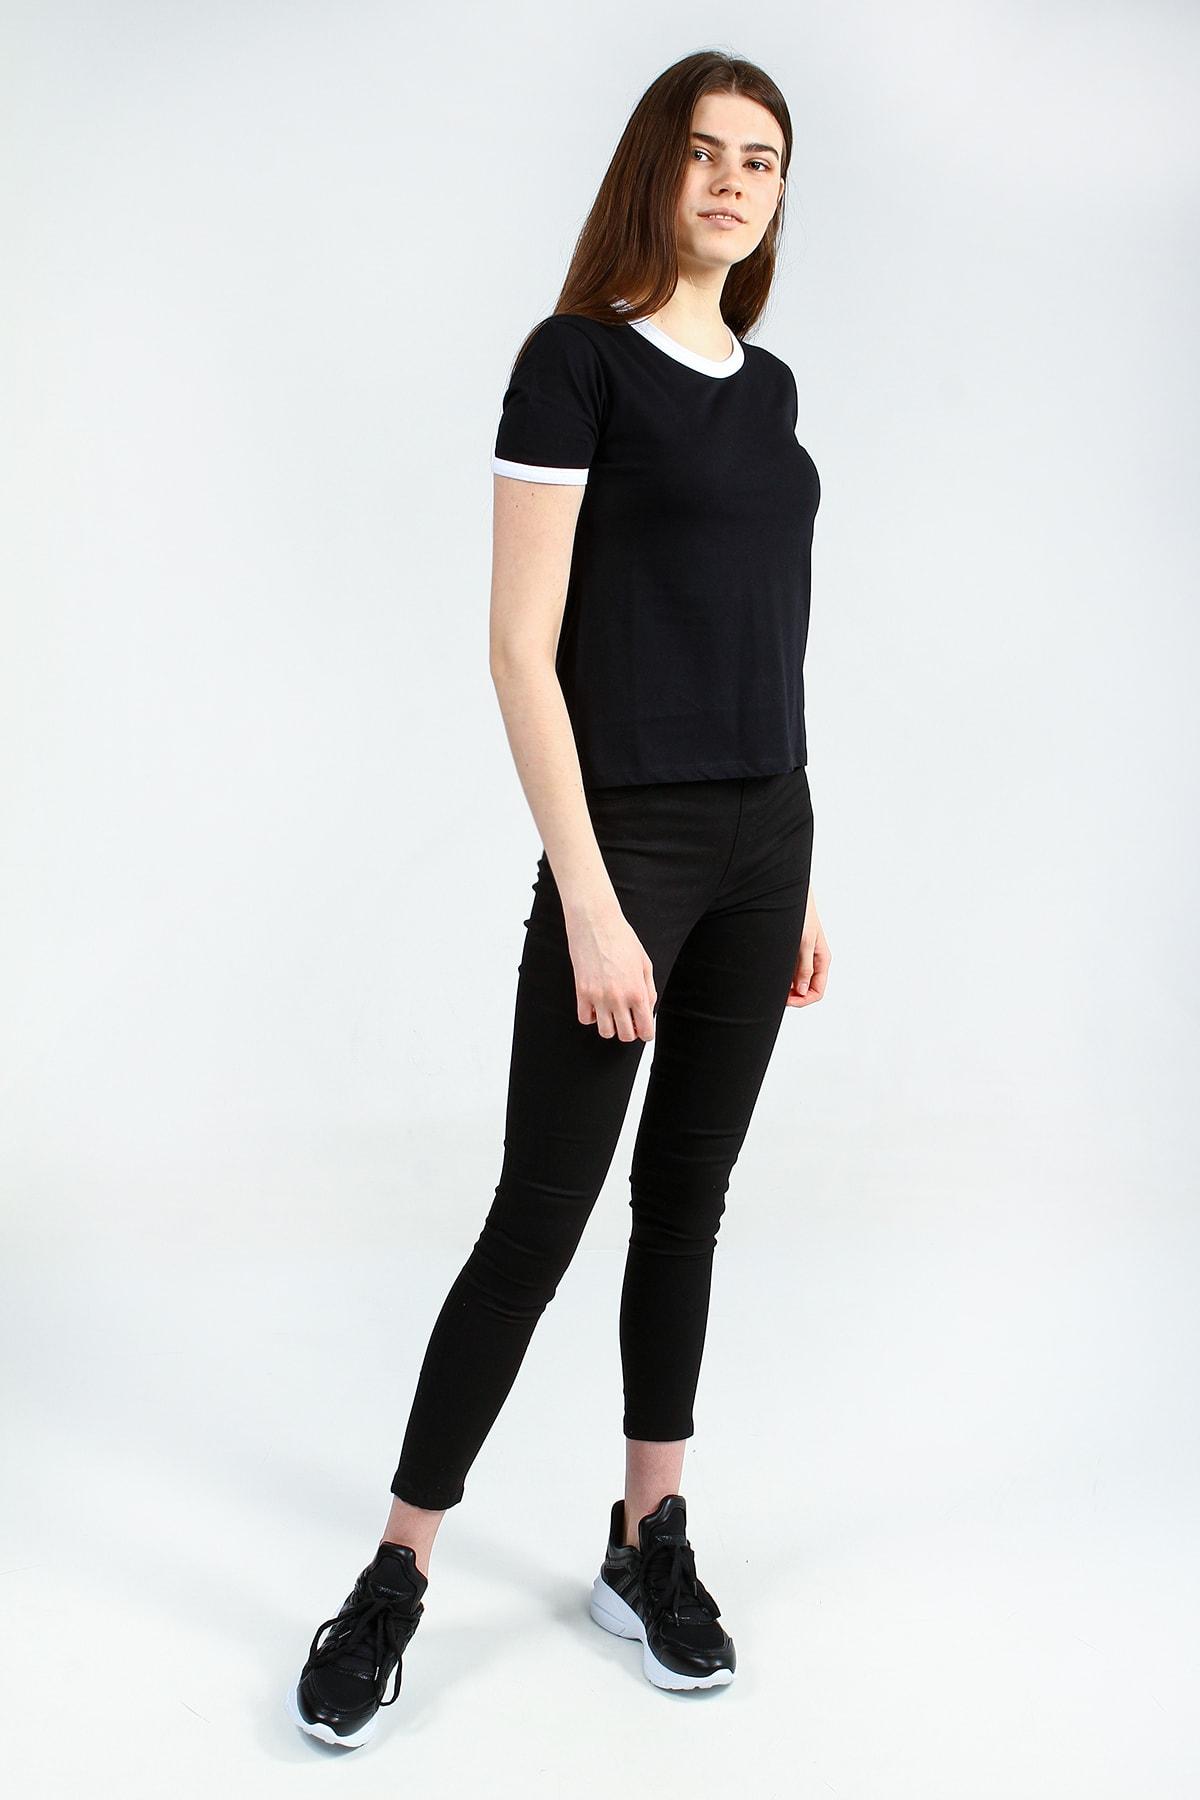 Collezione Kadın Siyah T-shirt - UCB142815A41 1